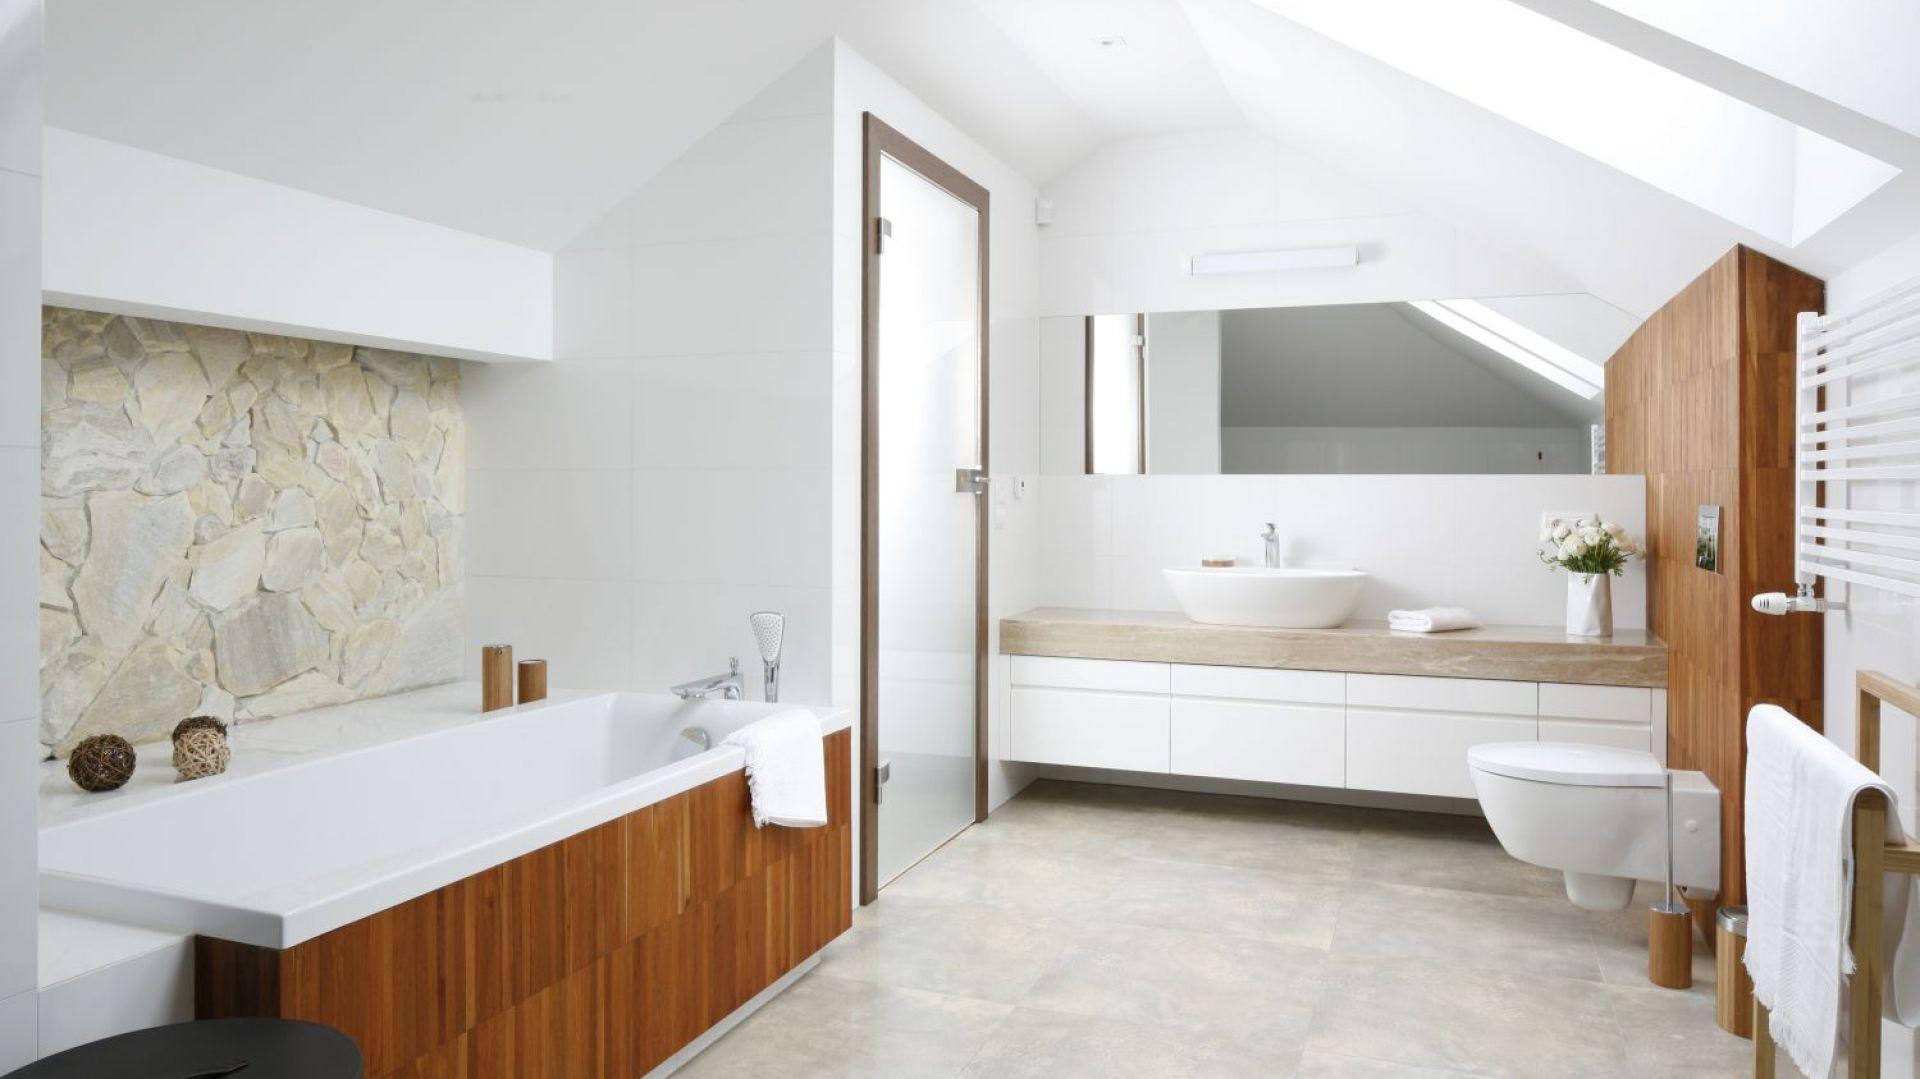 Przytulna łazienka w kolorach drewna. Proj. Piotr Stanisz. Fot. Bartosz Jarosz